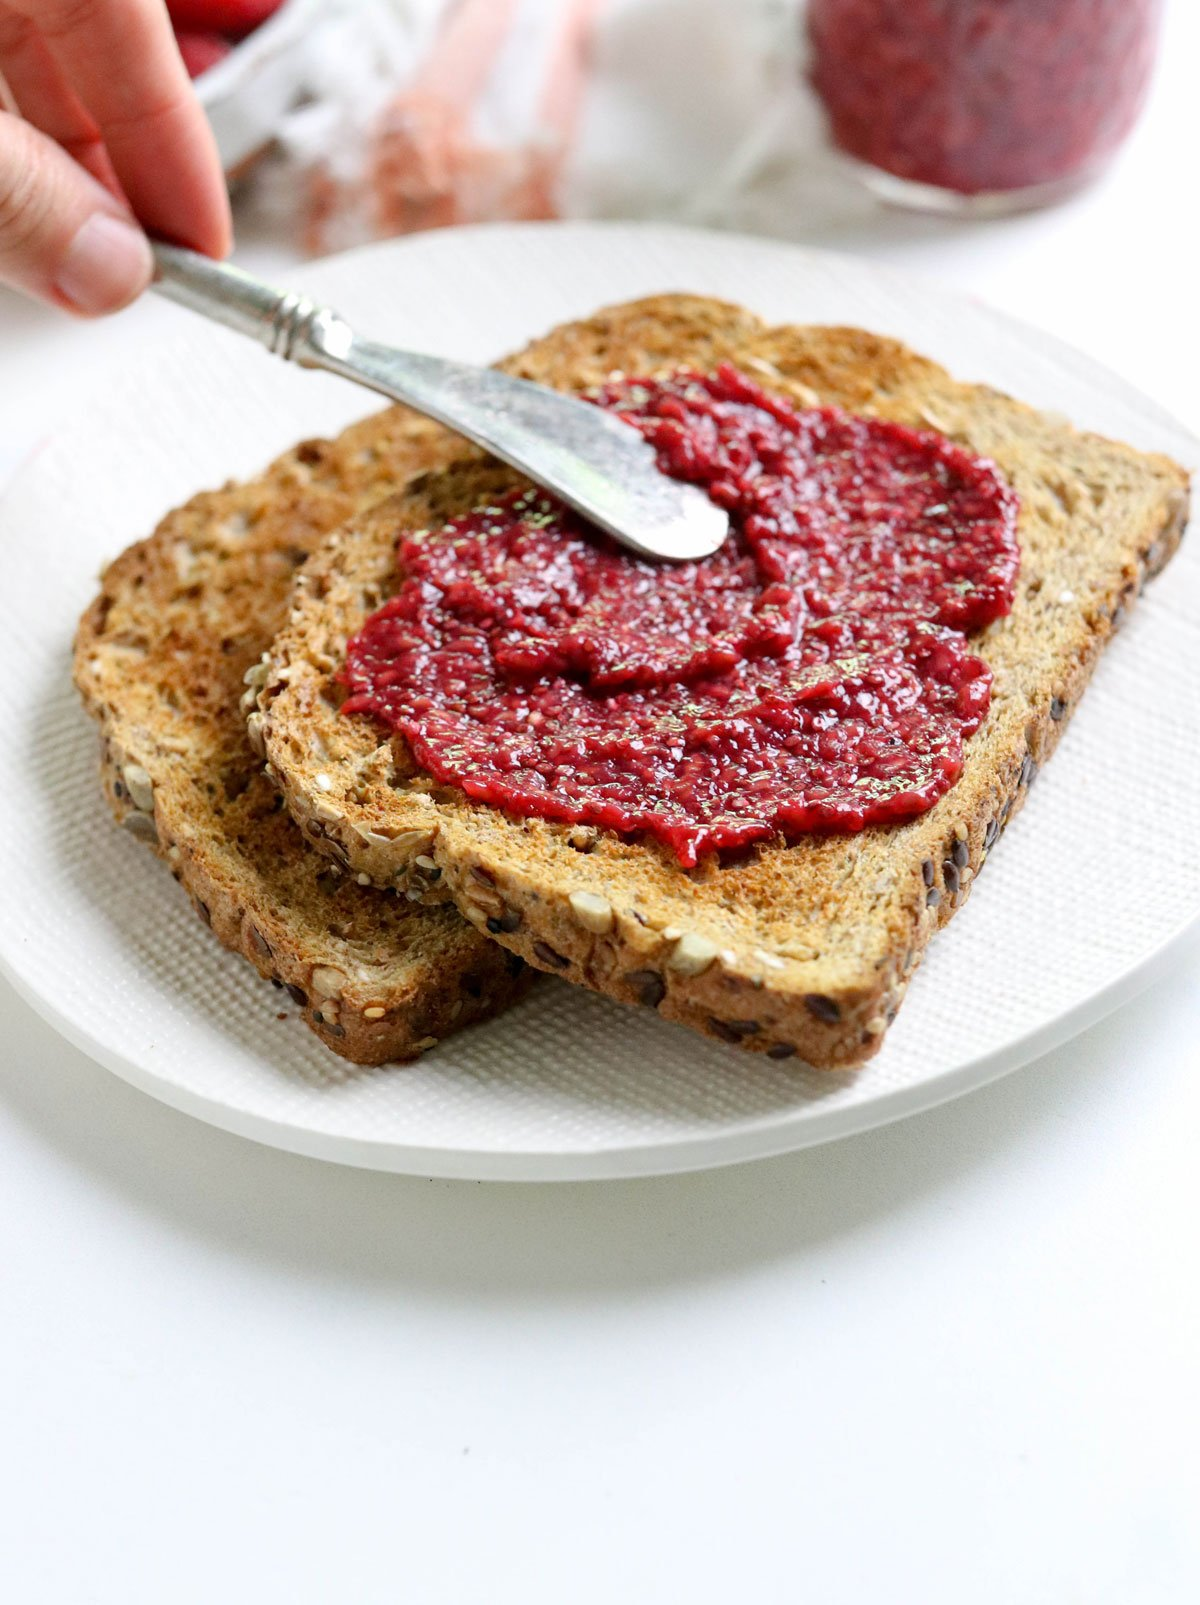 chia seed jam spread on toast